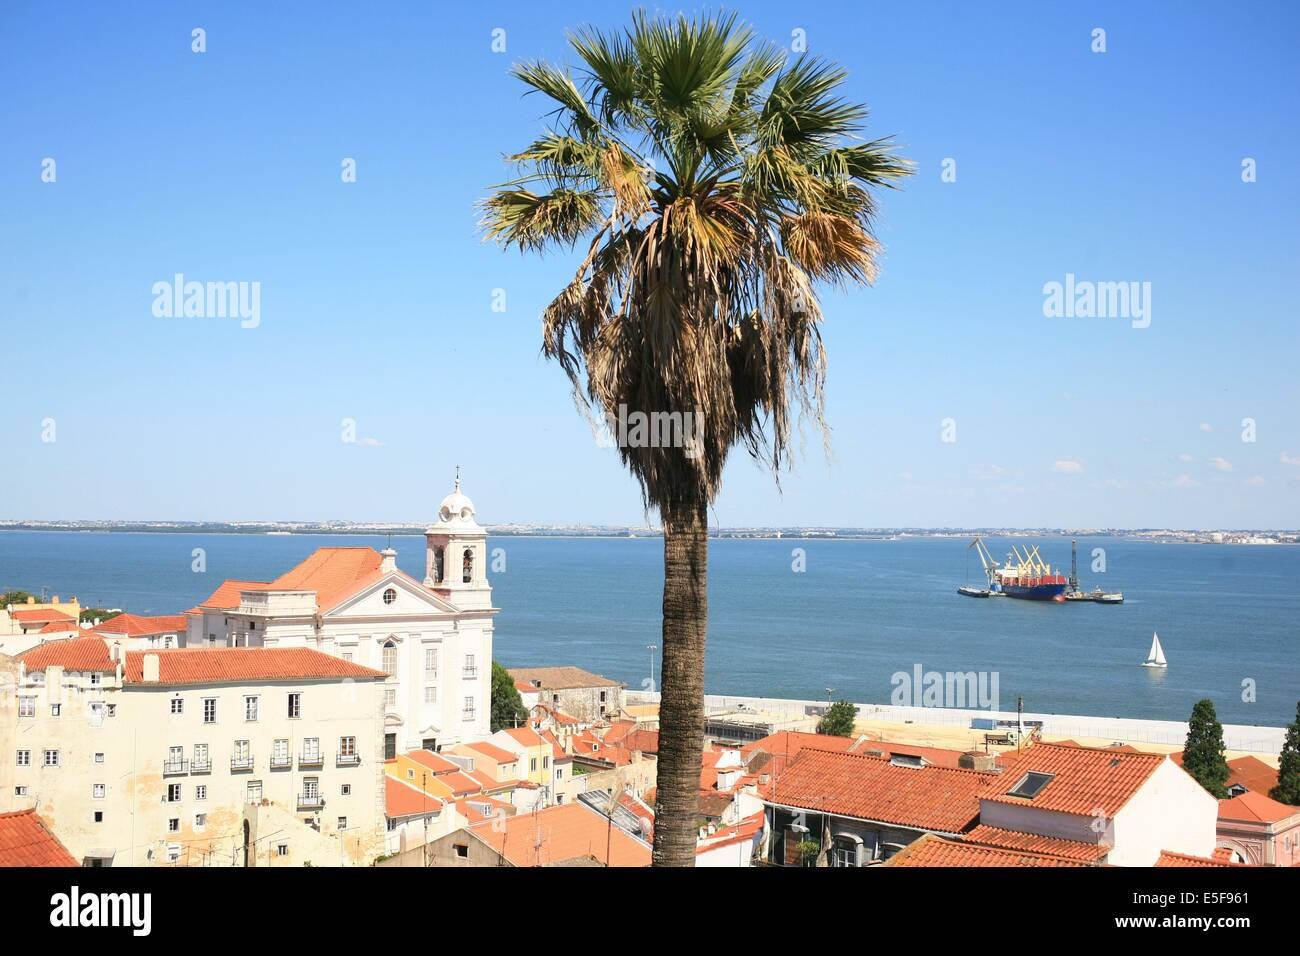 portugal, lisbonne, lisboa, signes de ville, alfama, panorama sur toits et le tage, paysage, toits, tuiles, palmier - Stock Image